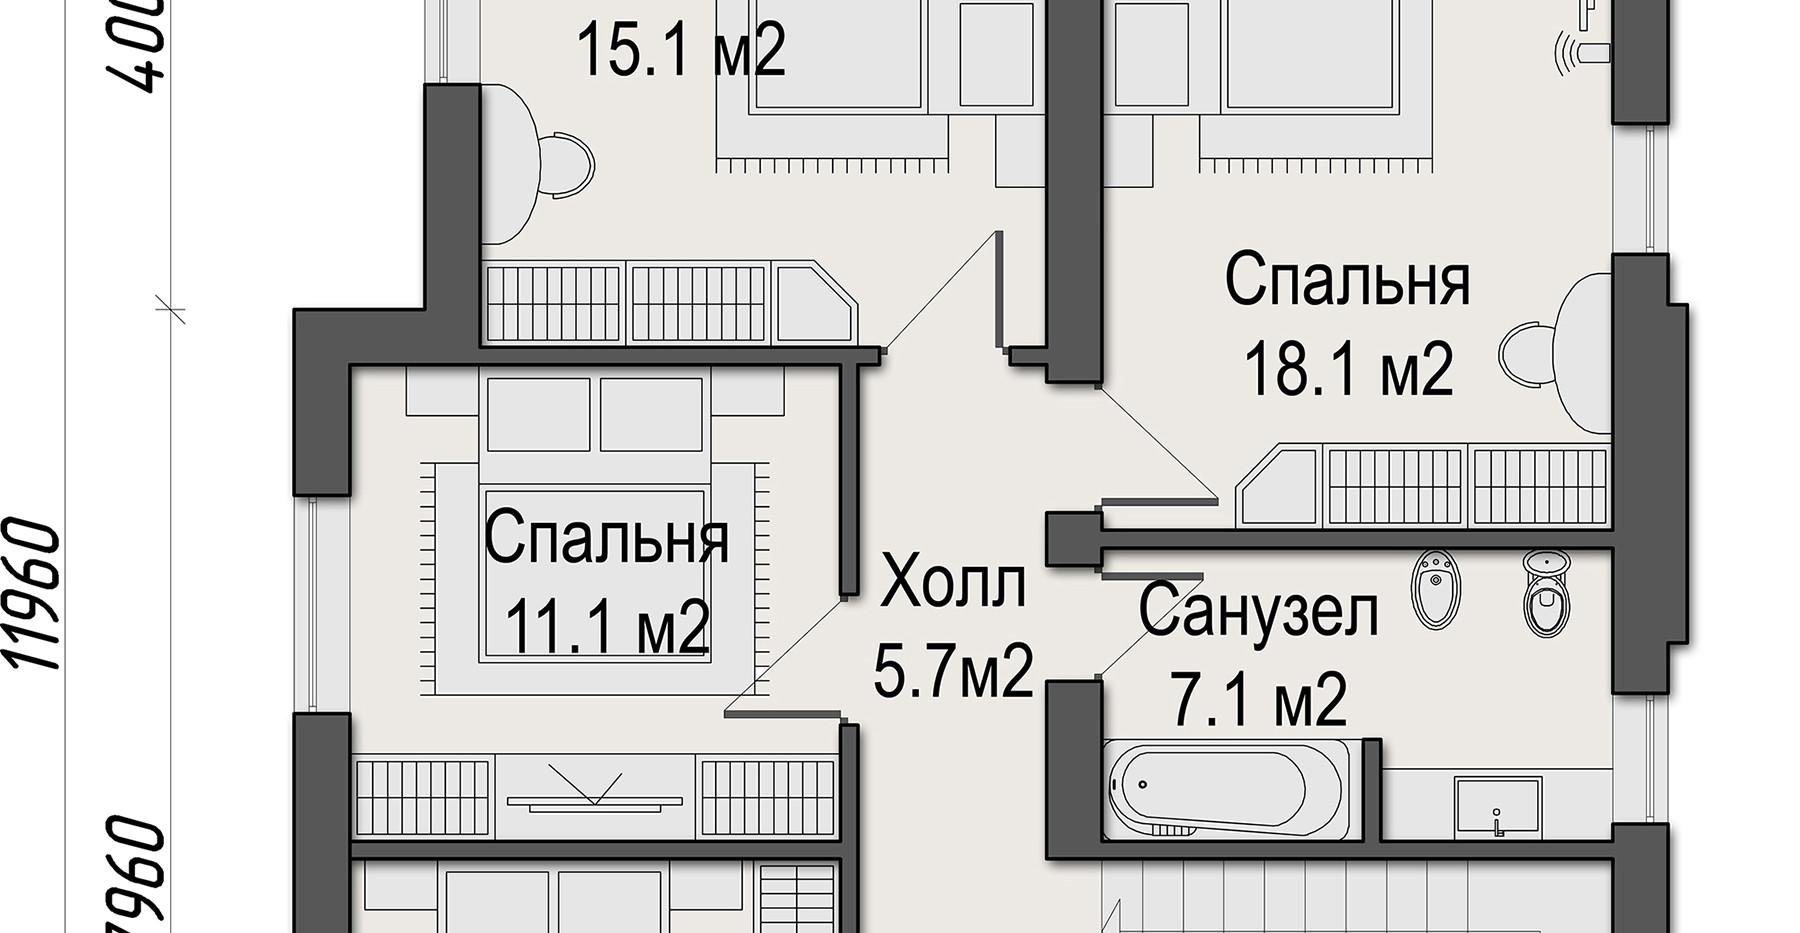 Рига Парк. Коттедж 187 кв.м. План второго этажа